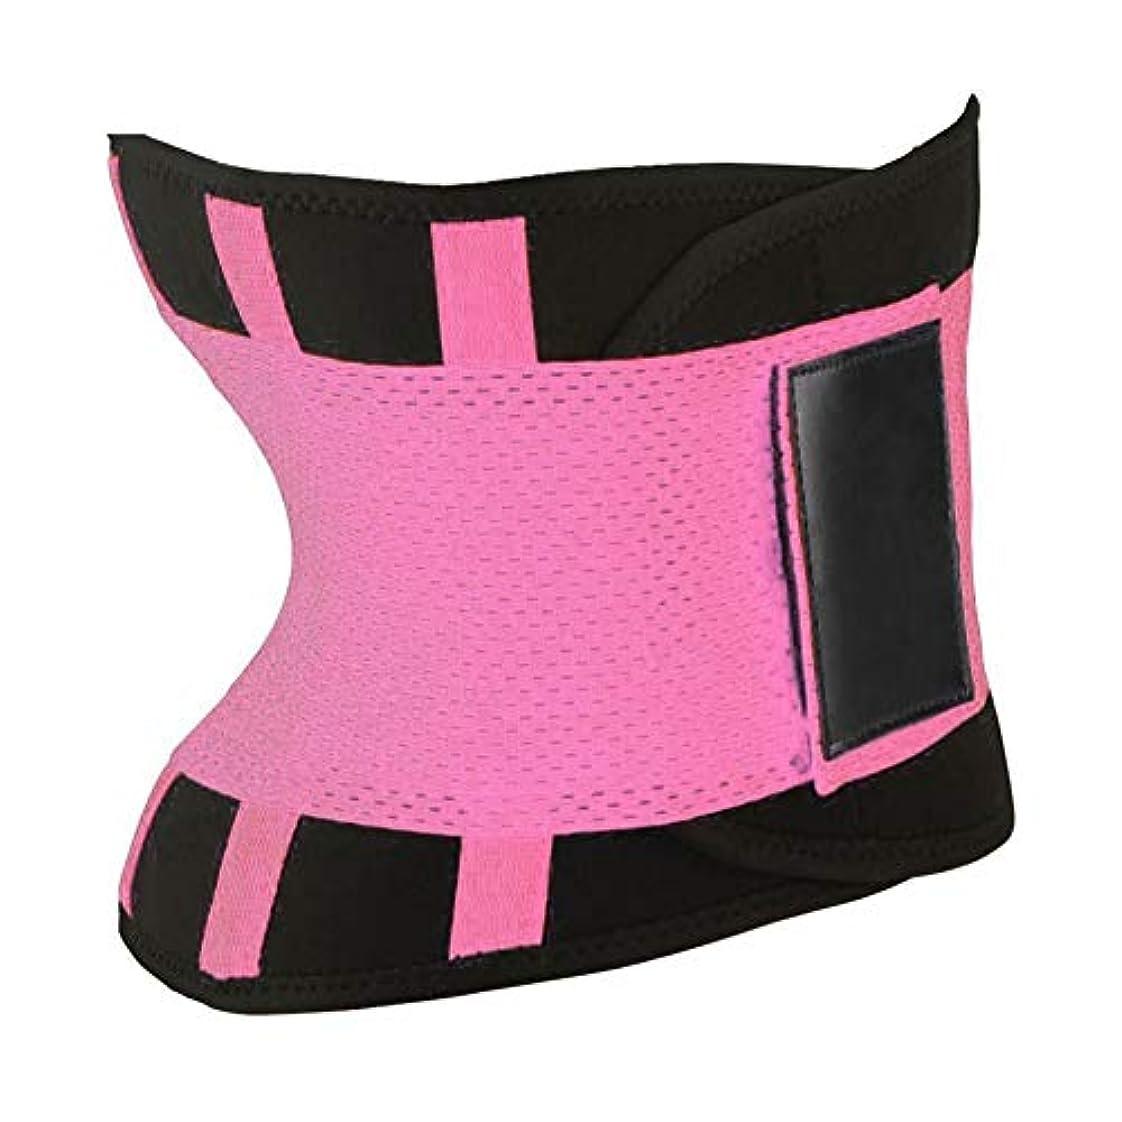 さびた対話タクト快適な女性ボディシェイパー痩身シェイパーベルトスポーツ女性ウエストトレーナーニッパー制御バーニングボディおなかベルト - ピンク2xl